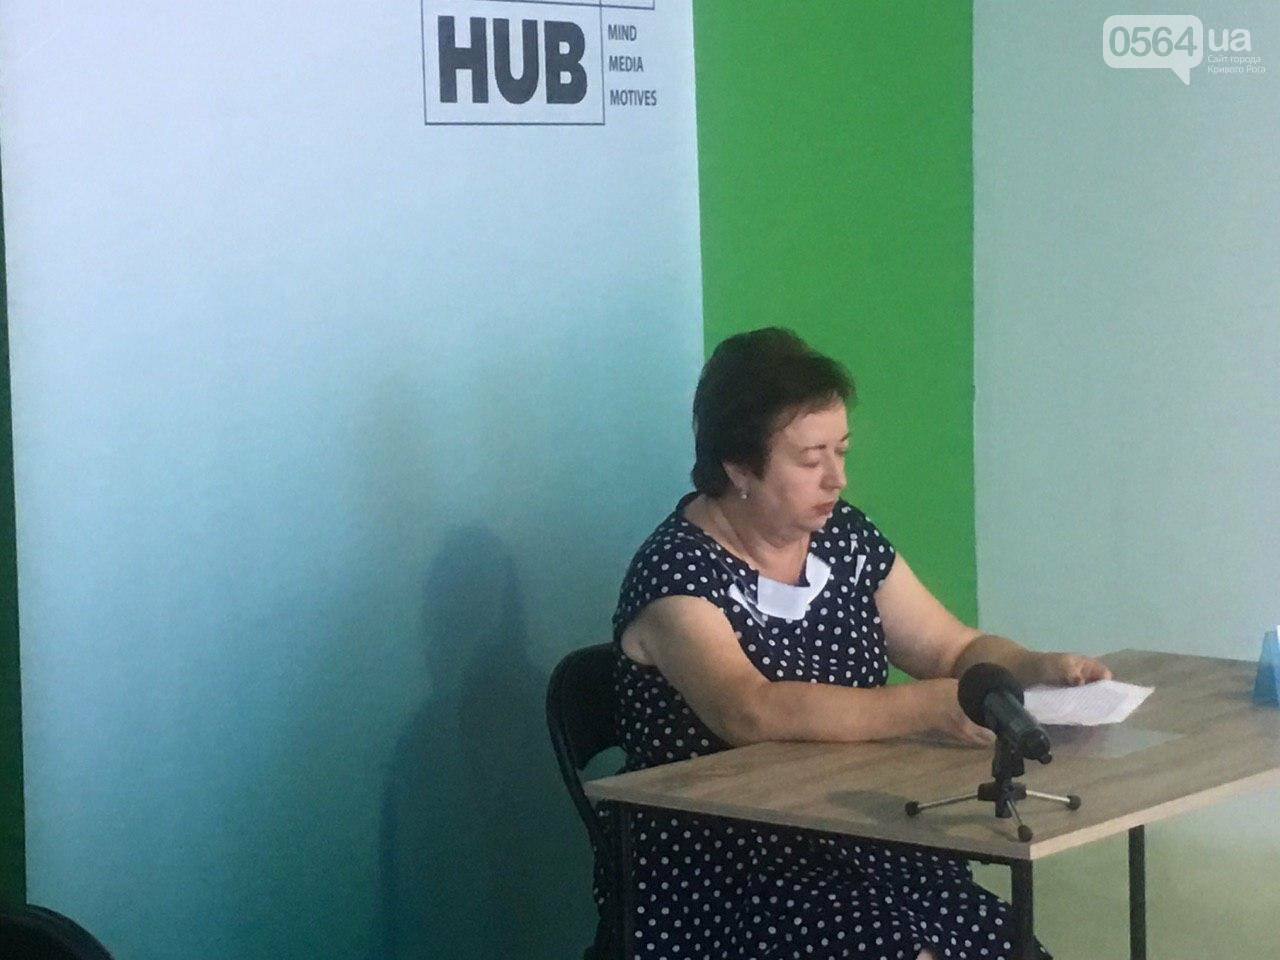 На Днепропетровщине в прошлом году 1 человек умер от лептоспироза. Криворожанам рассказали, как уберечься от болезни, - ФОТО, ВИДЕО , фото-8